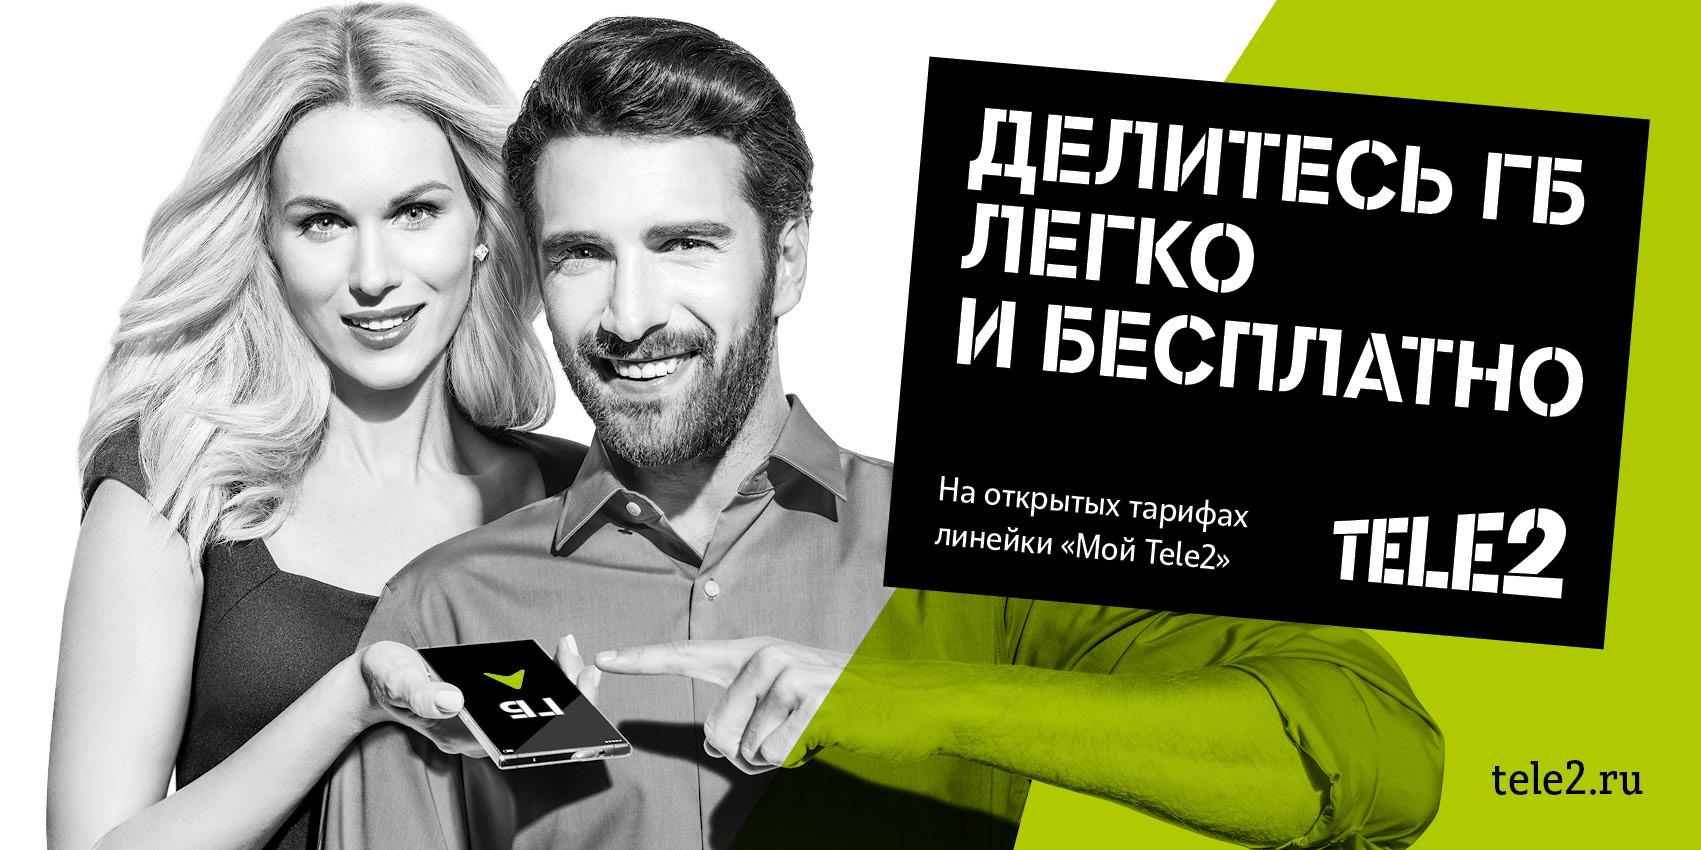 Абоненты Tele2 могут передавать трафик друзьям, родным икому угодно